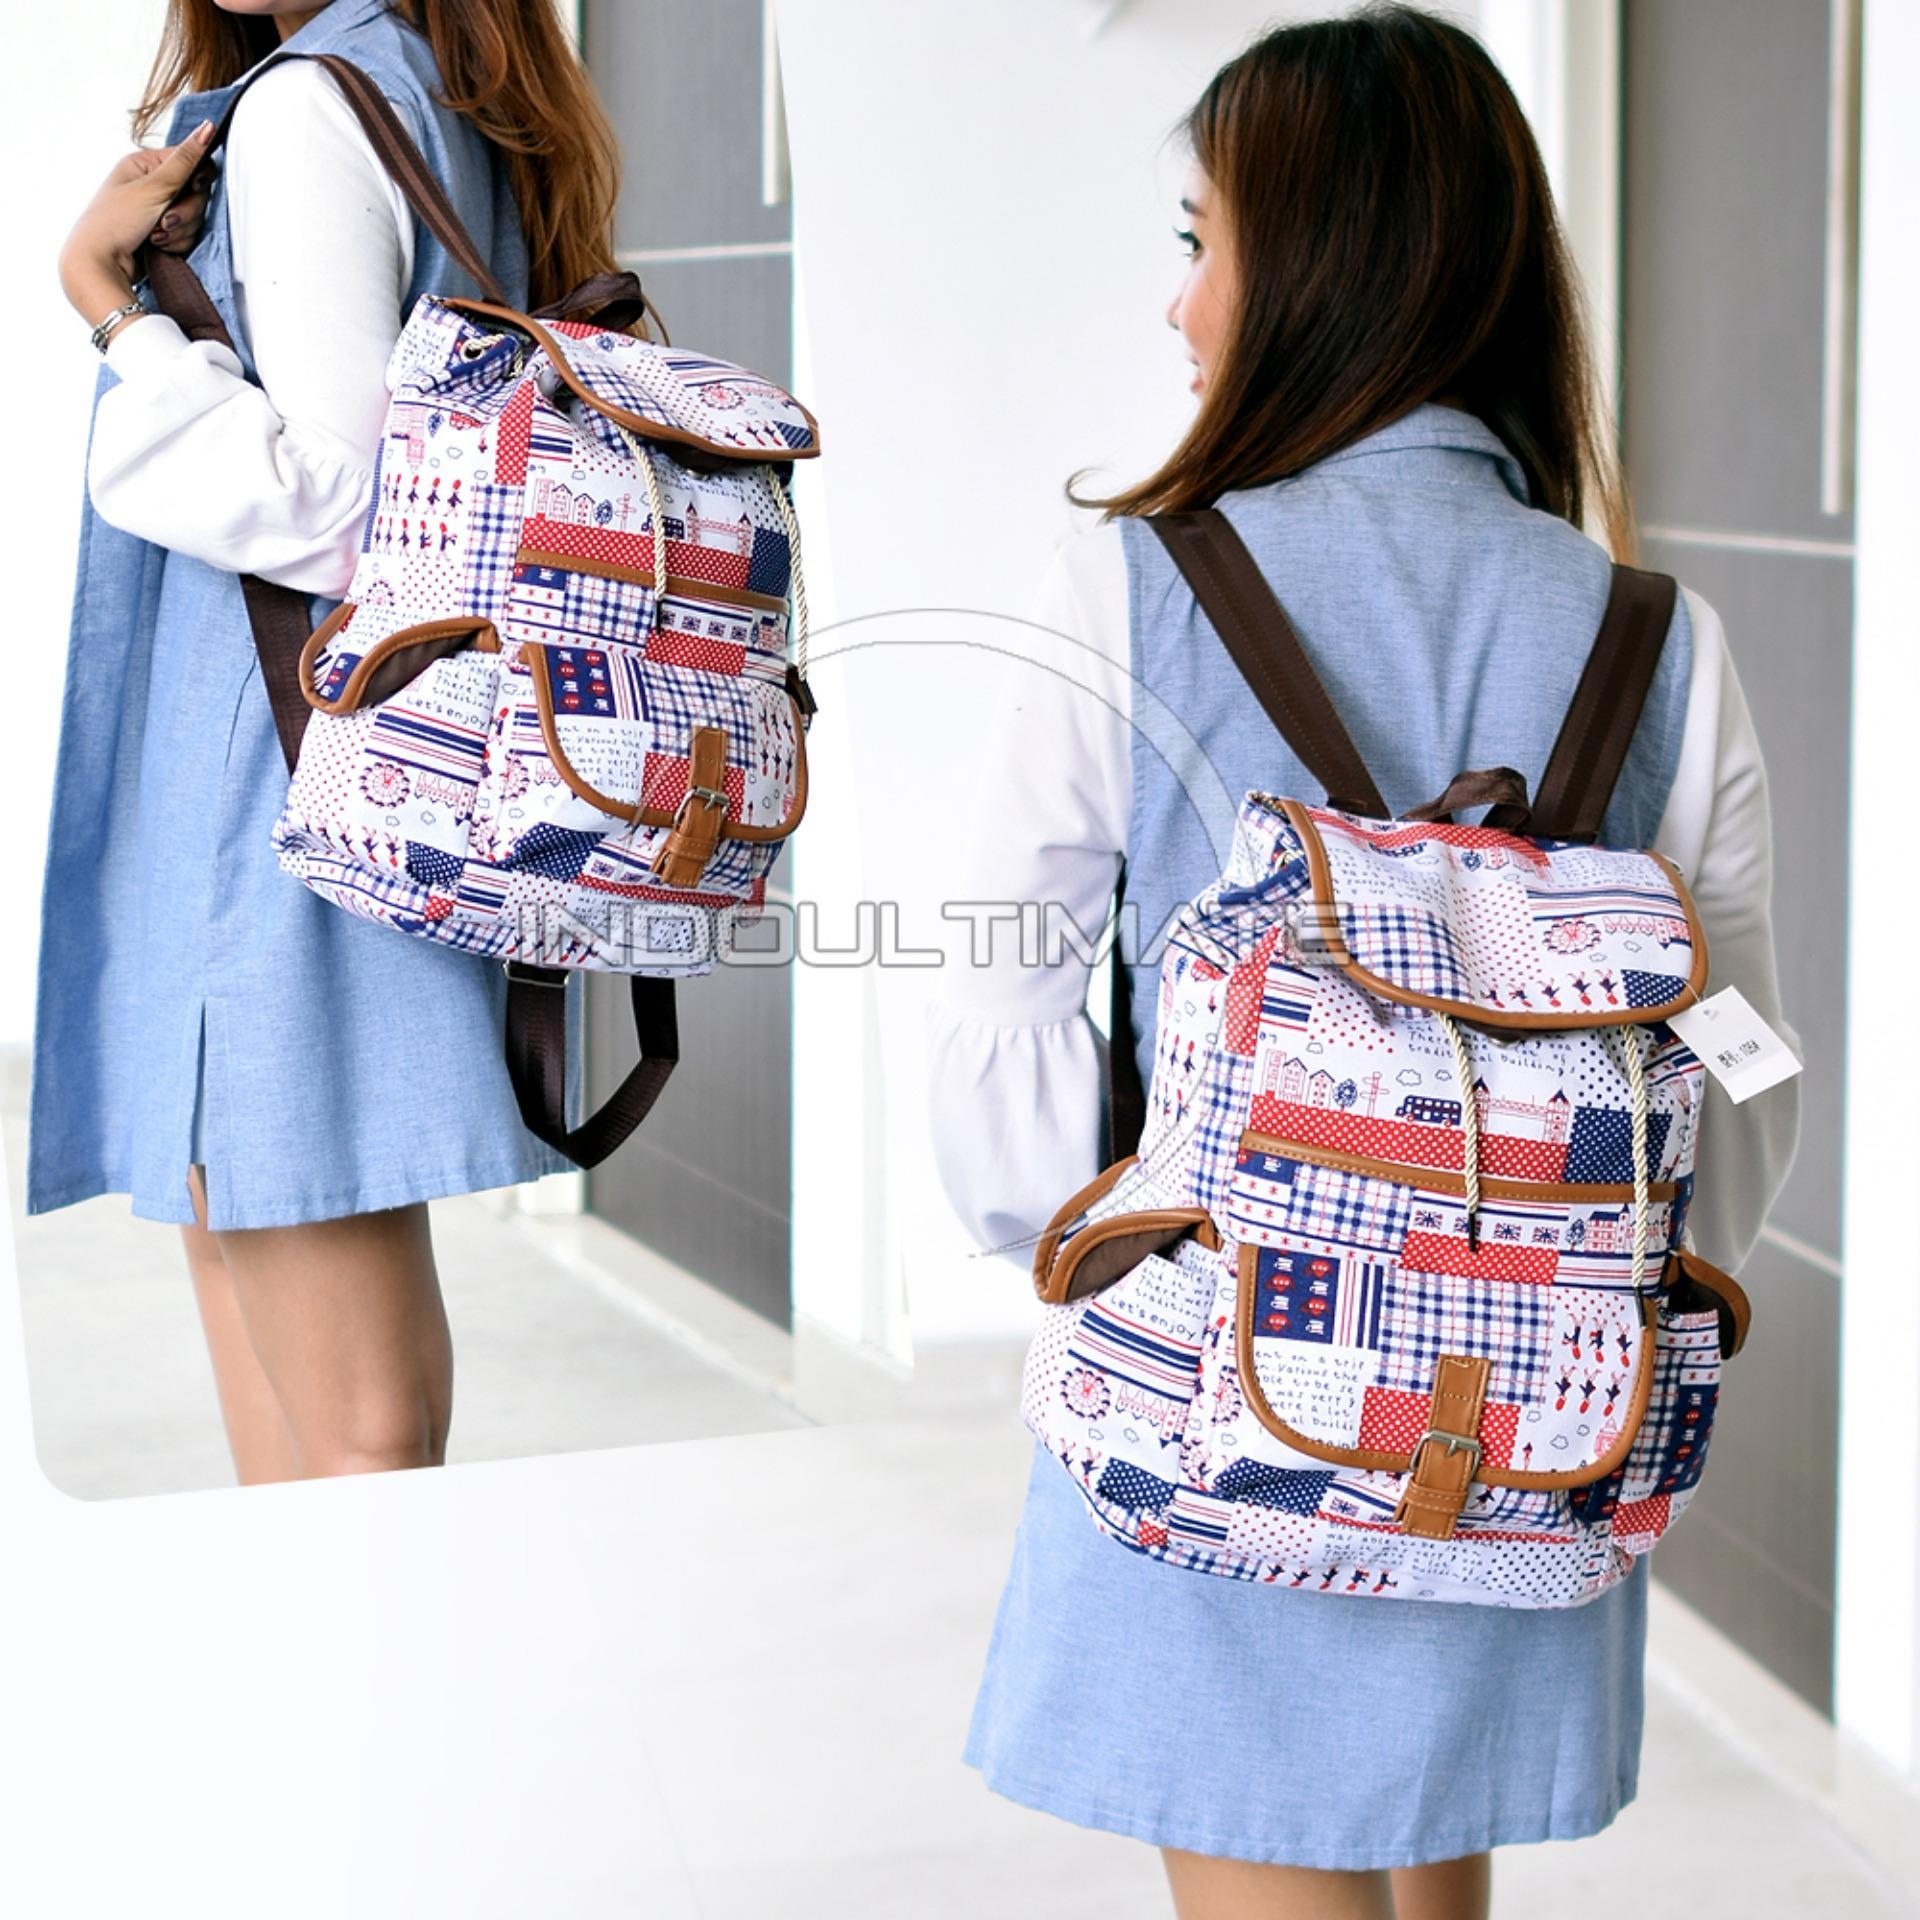 Ultimate Tas Wanita JS-105   Backpack Anak Cewek Sekolah Remaja Korea  Import Batam Murah 648fe1615b